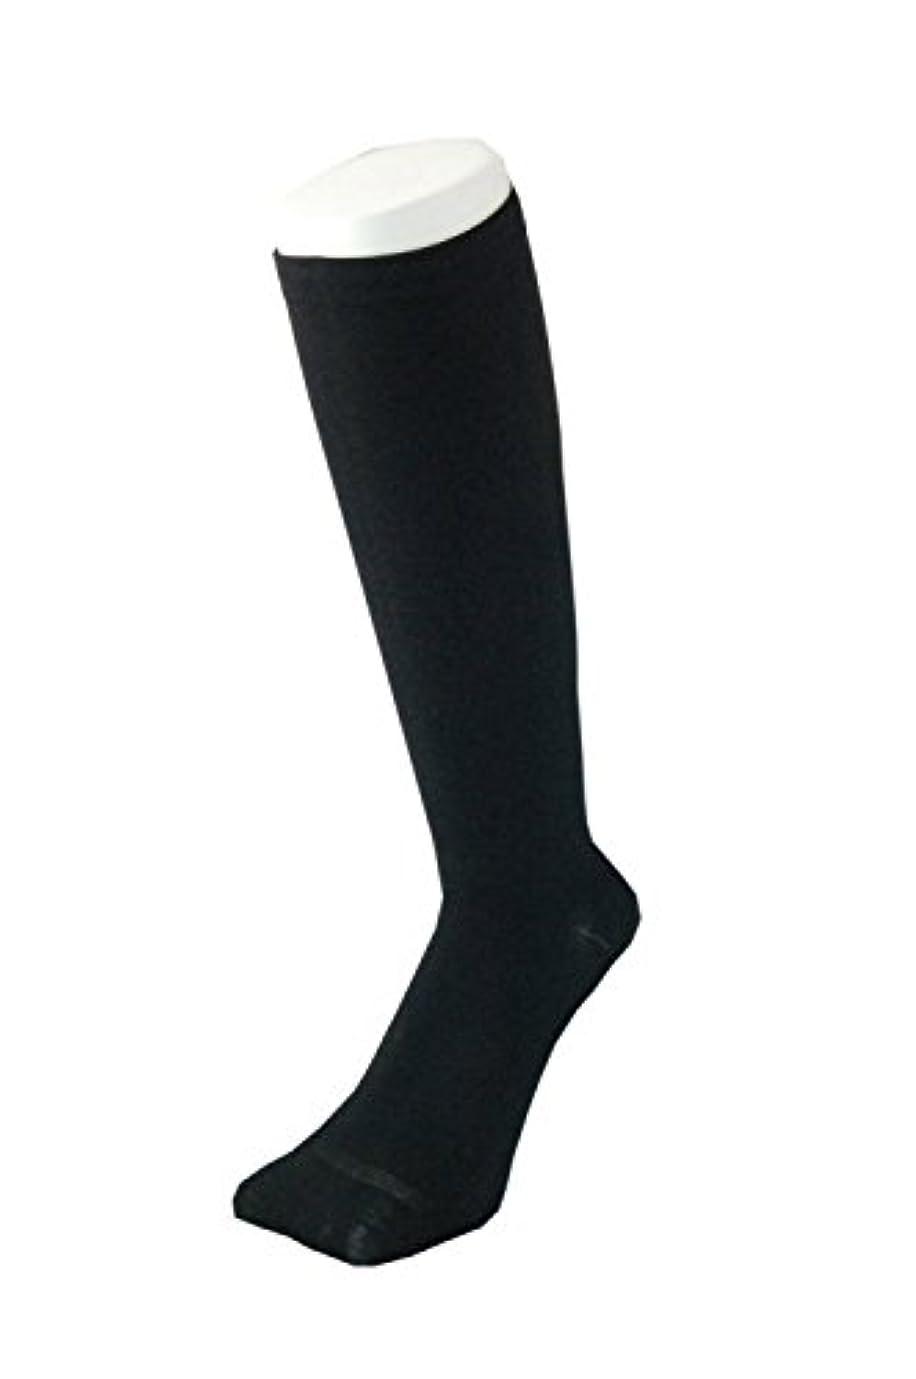 クリエイティブ表面悩みPAX-ASIAN 紳士?メンズ 着圧靴下 (25~27cm ) ムクミ解消 締め付け サポート 抗菌 ソックス 黒色?ブラック 3足組